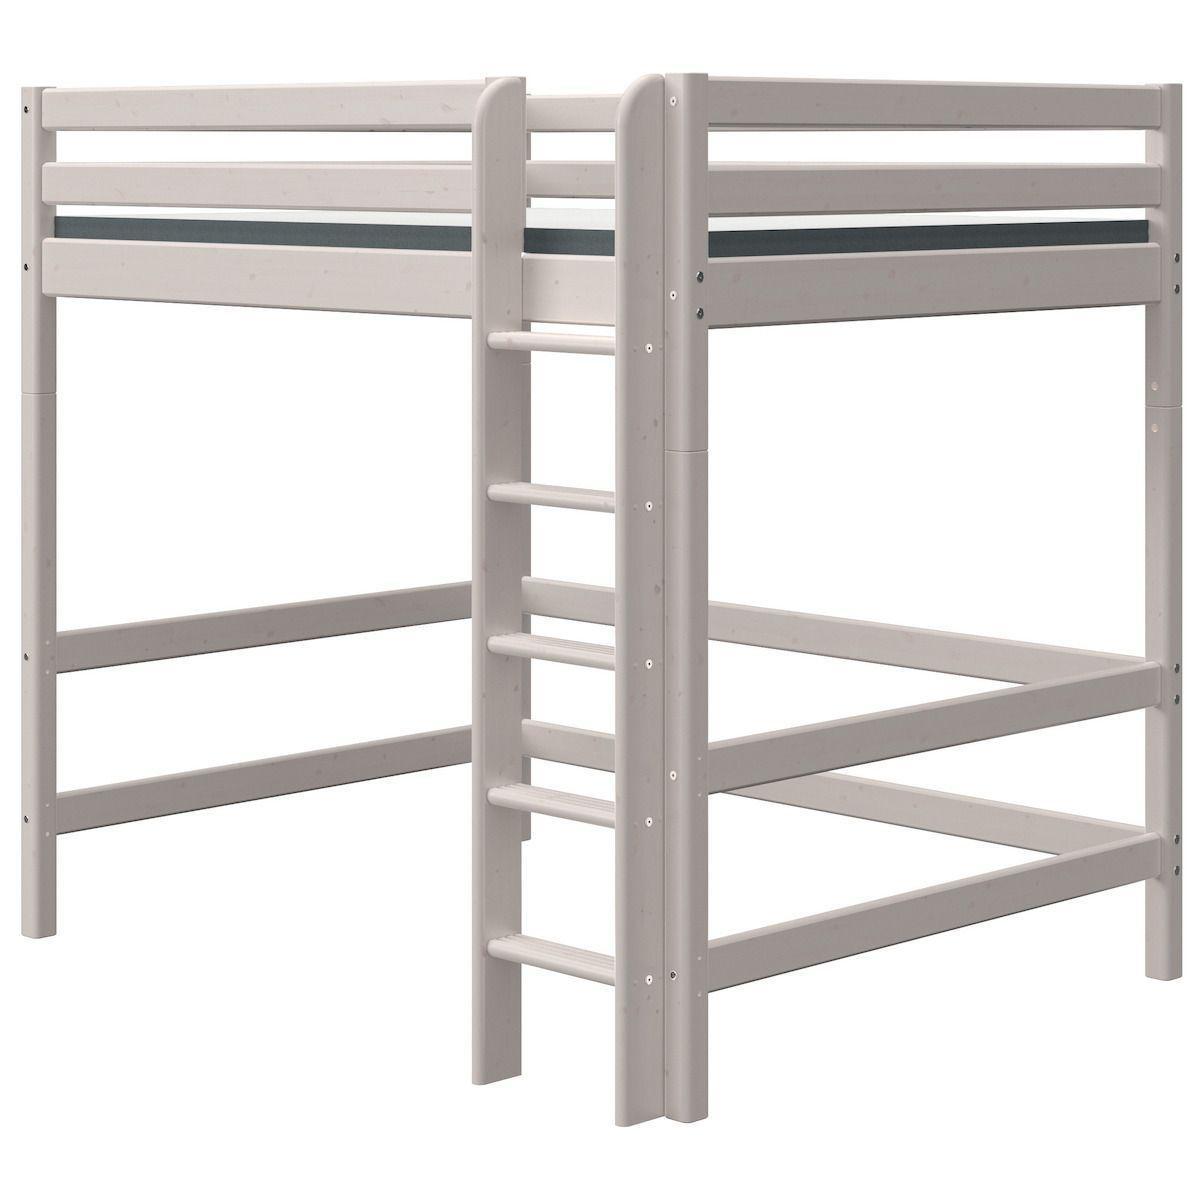 Lit mezzanine haut 140x190cm échelle droite CLASSIC Flexa grey washed